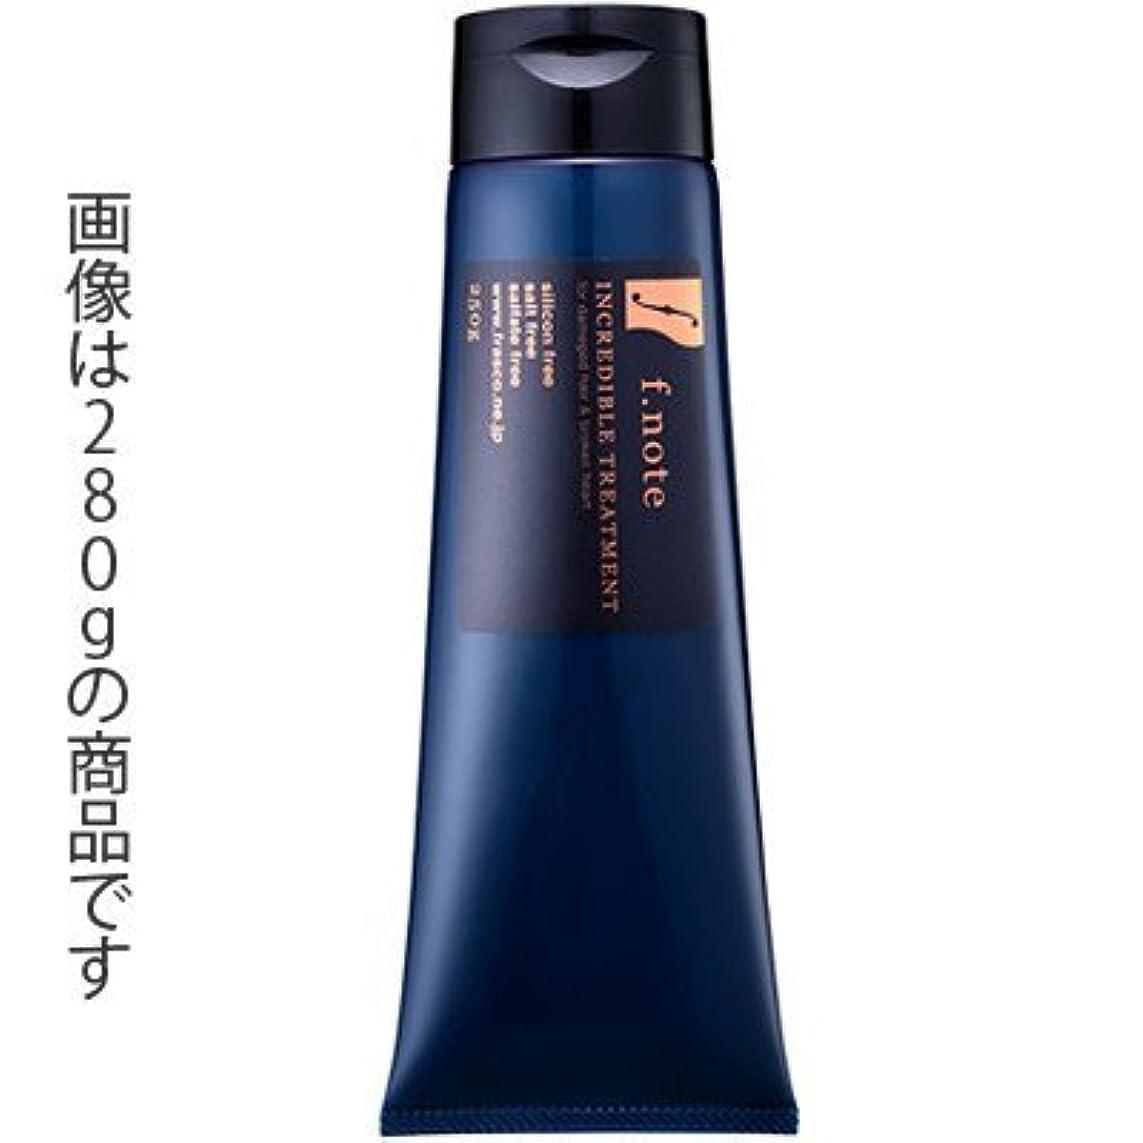 ドレス掃除愚かf-note(エフノート)トリートメント 500g